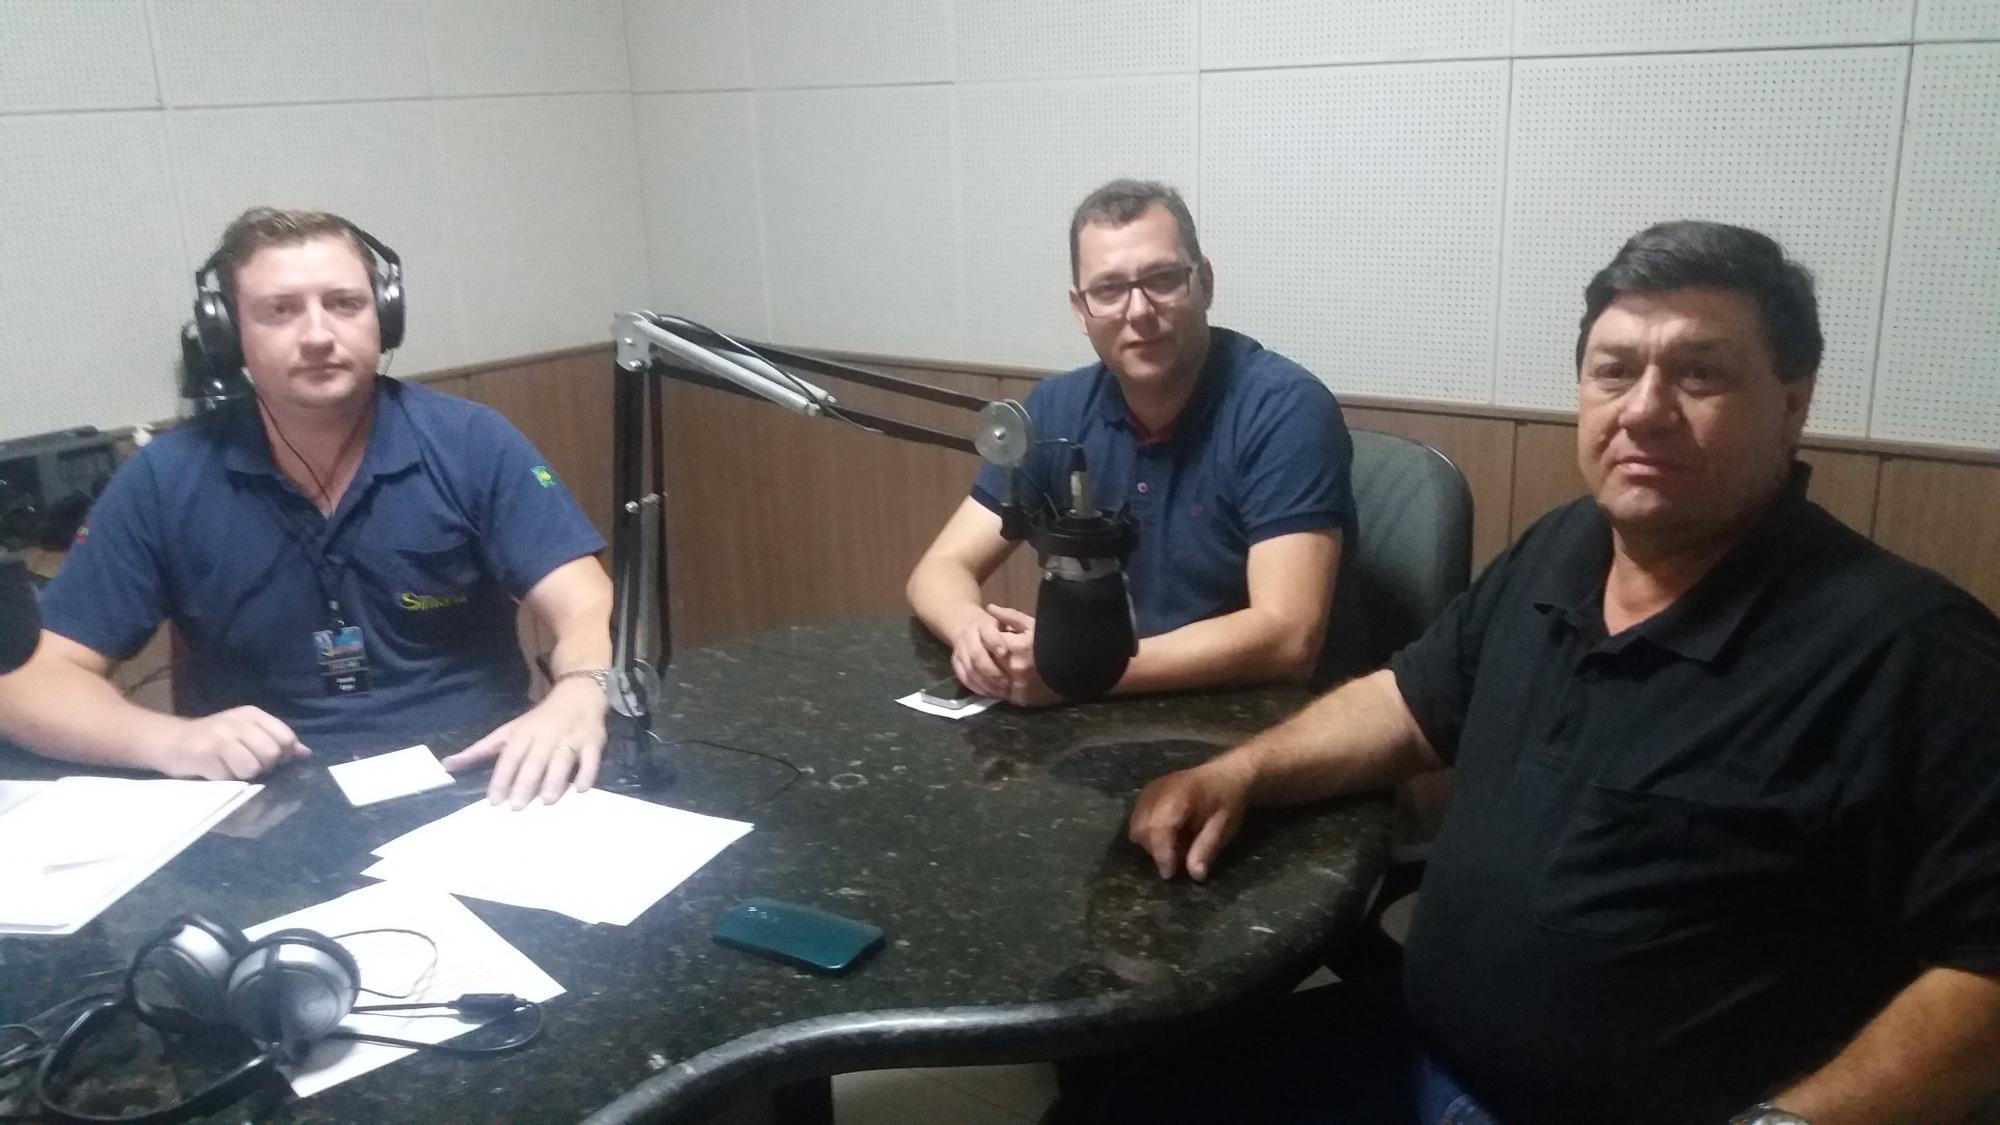 Josué Eger (e), o prefeito em exercício Adriano Coelho (c) e o vereador Édio Fernandes